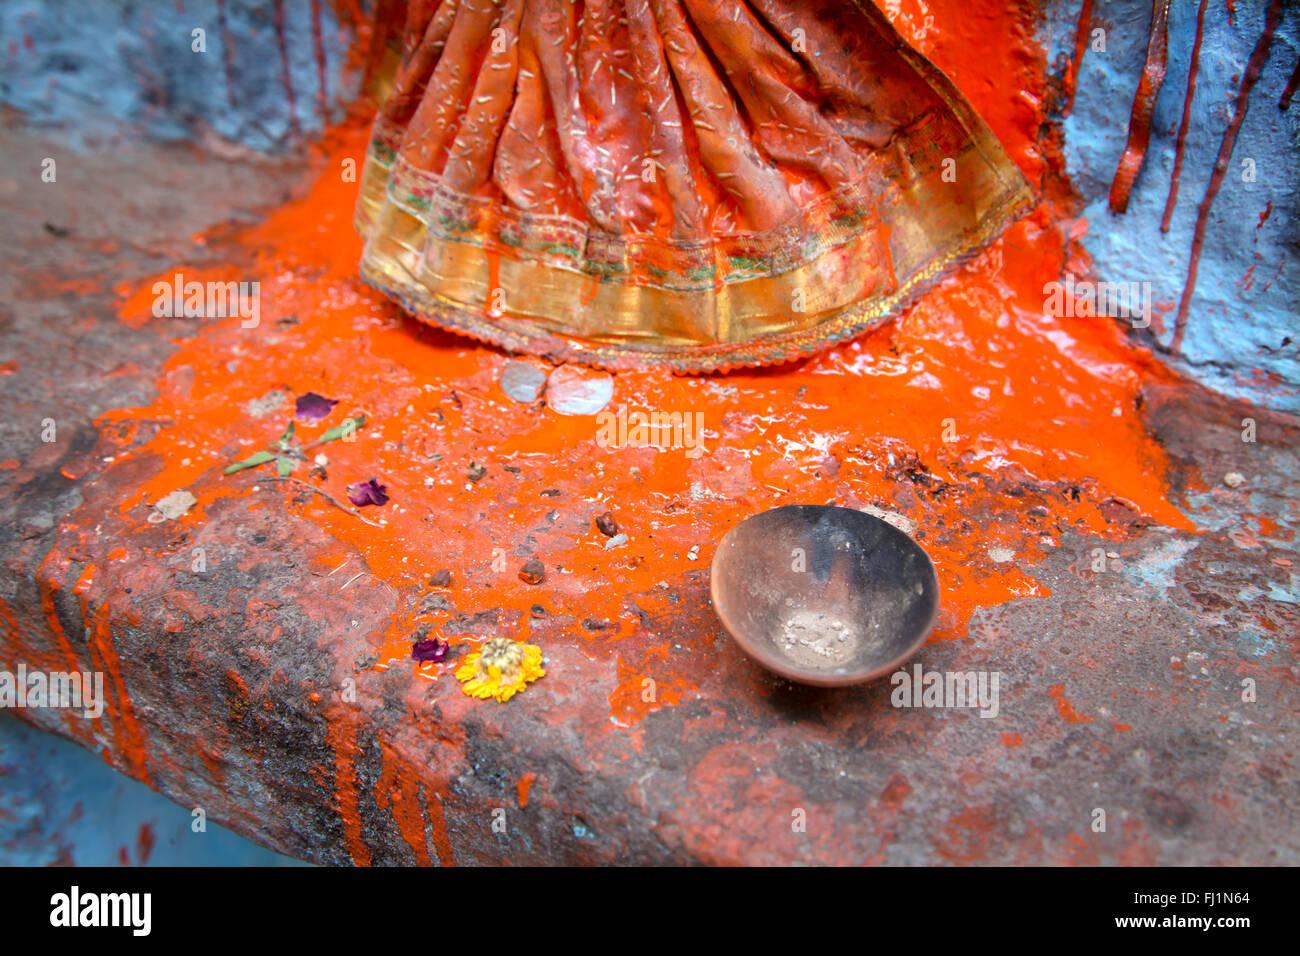 Chiudere fino al rosso di polveri colorate miwed con acqua per la puja sulla statua di Varanasi , India Immagini Stock